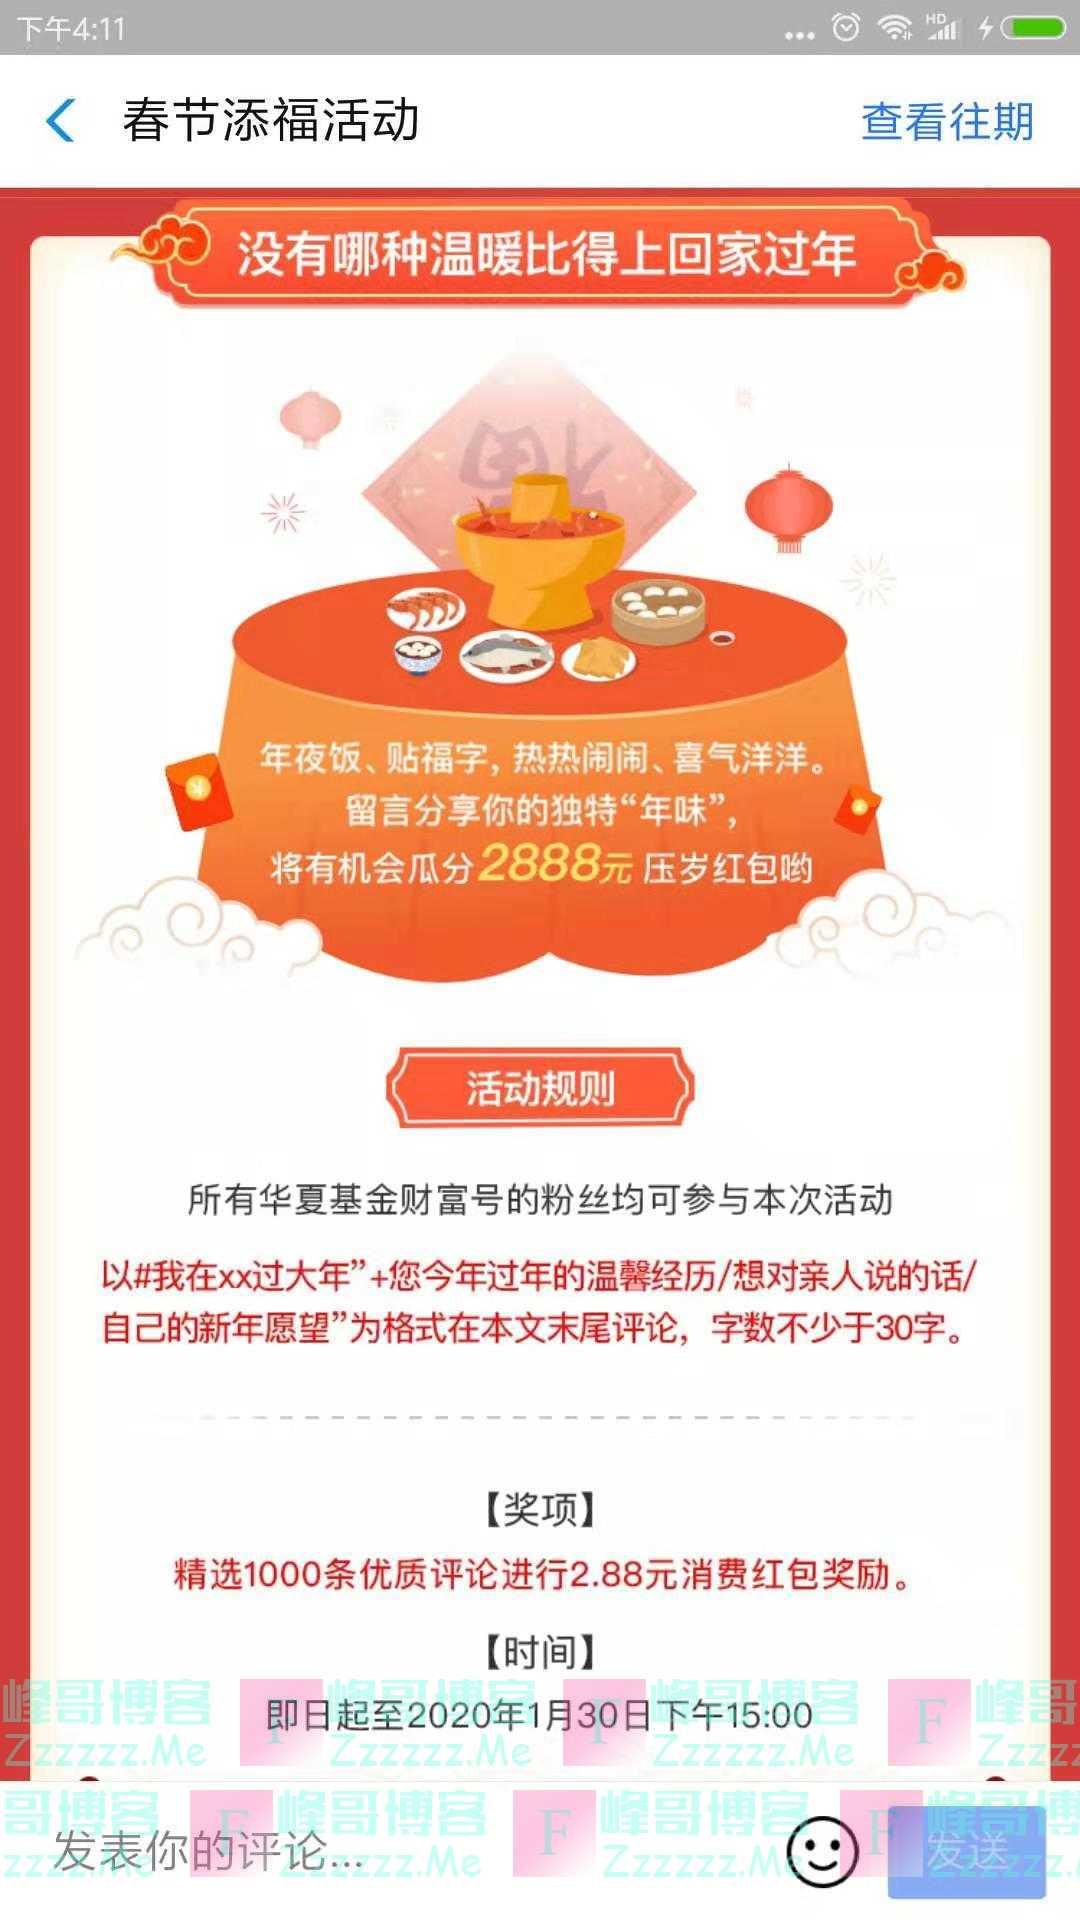 华夏基金春节添福 领个红包过大年(截止1月30日)